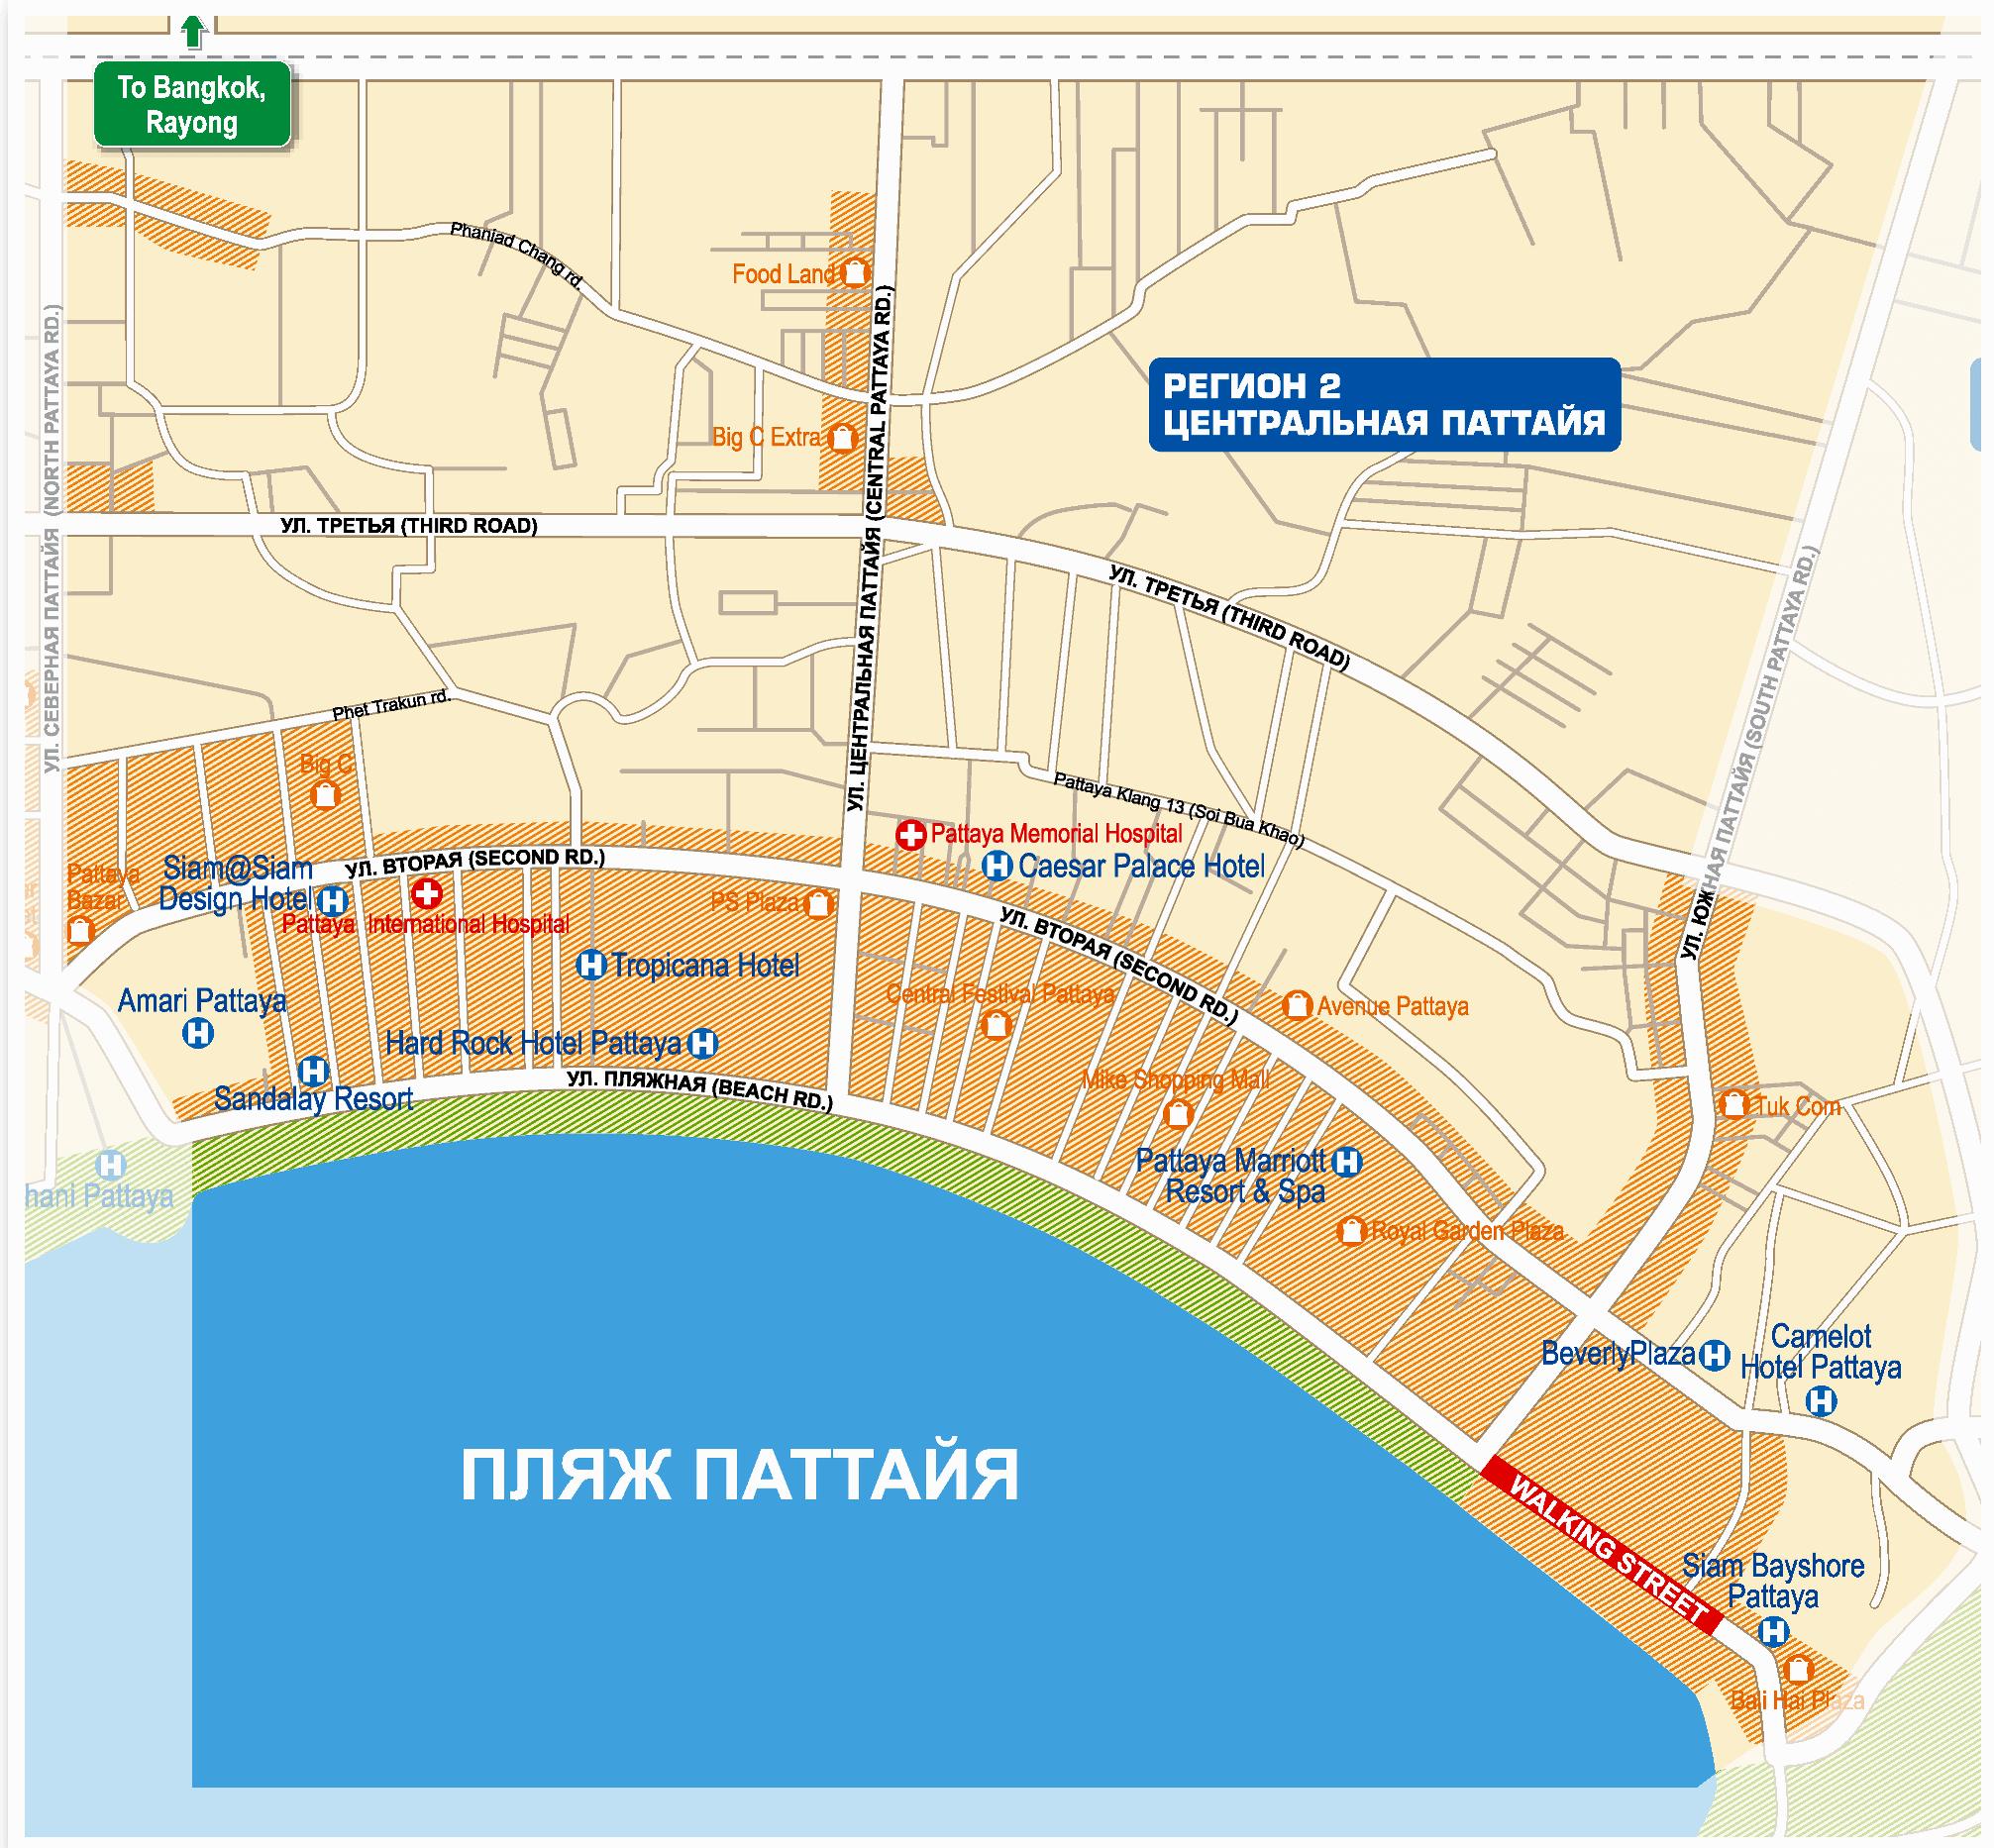 Схема расположения гостиниц в центральной части города